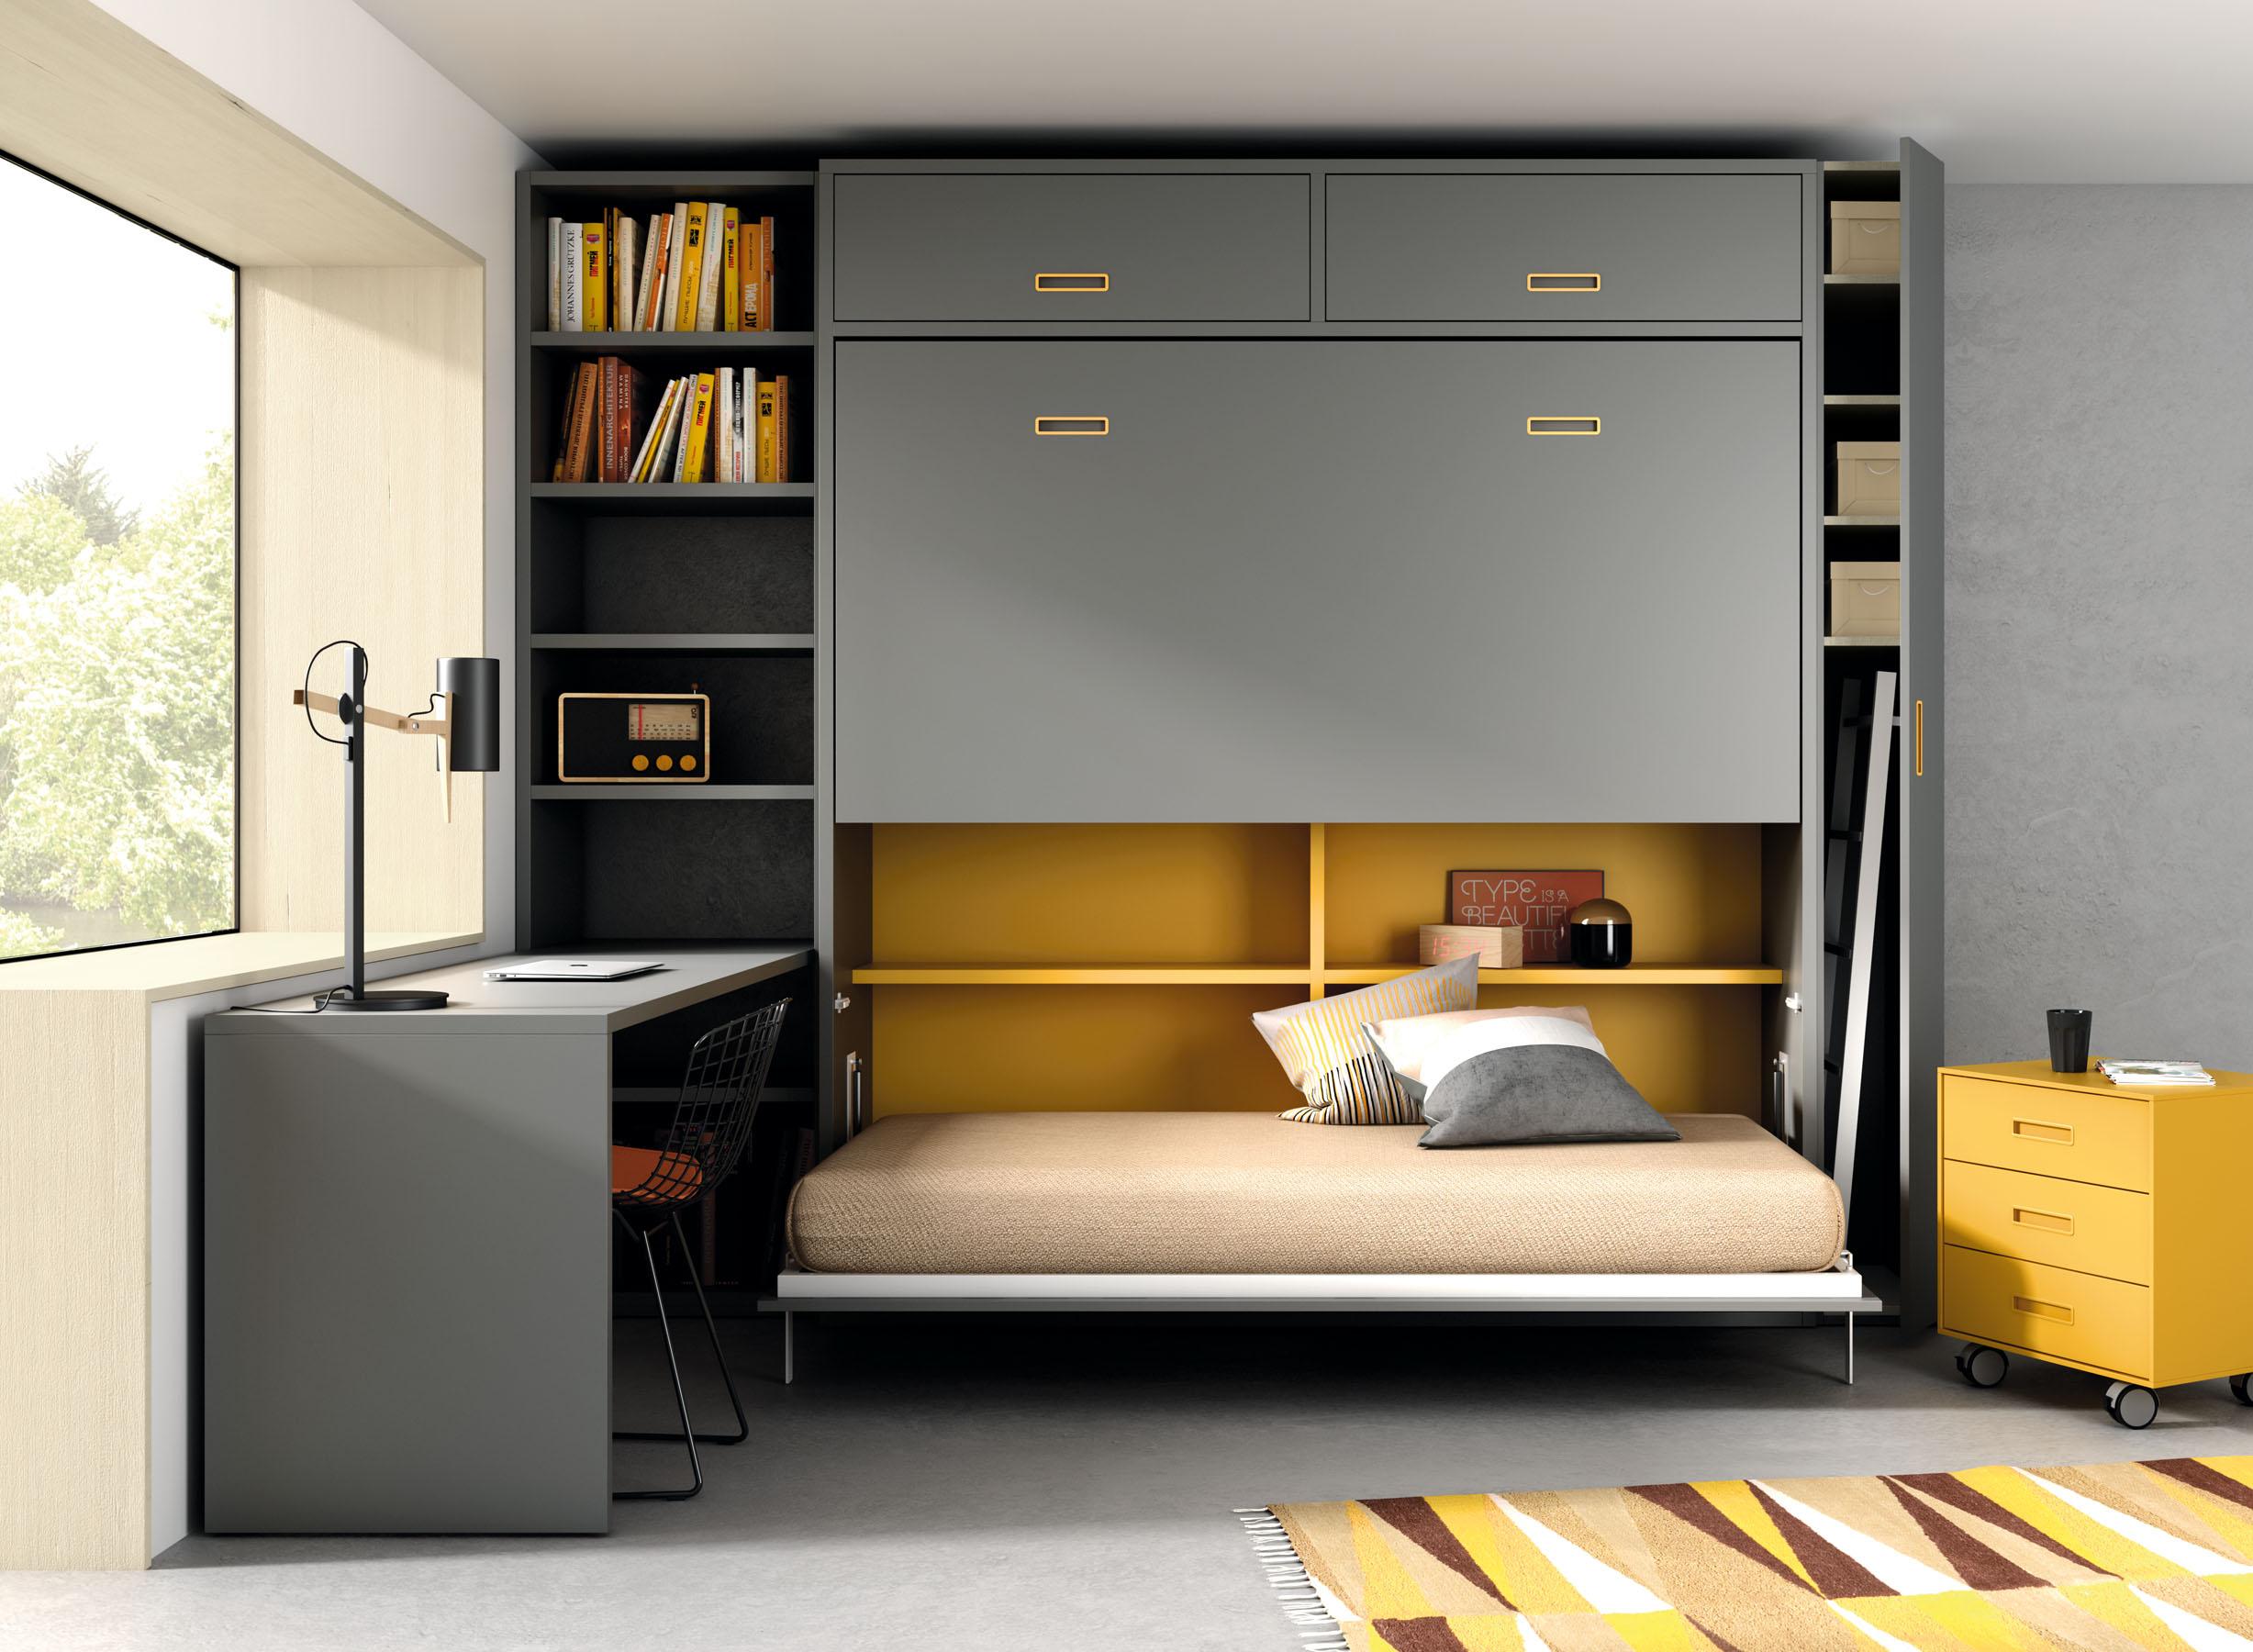 Paco tejeda camas abatibles for Bautista muebles y decoracion